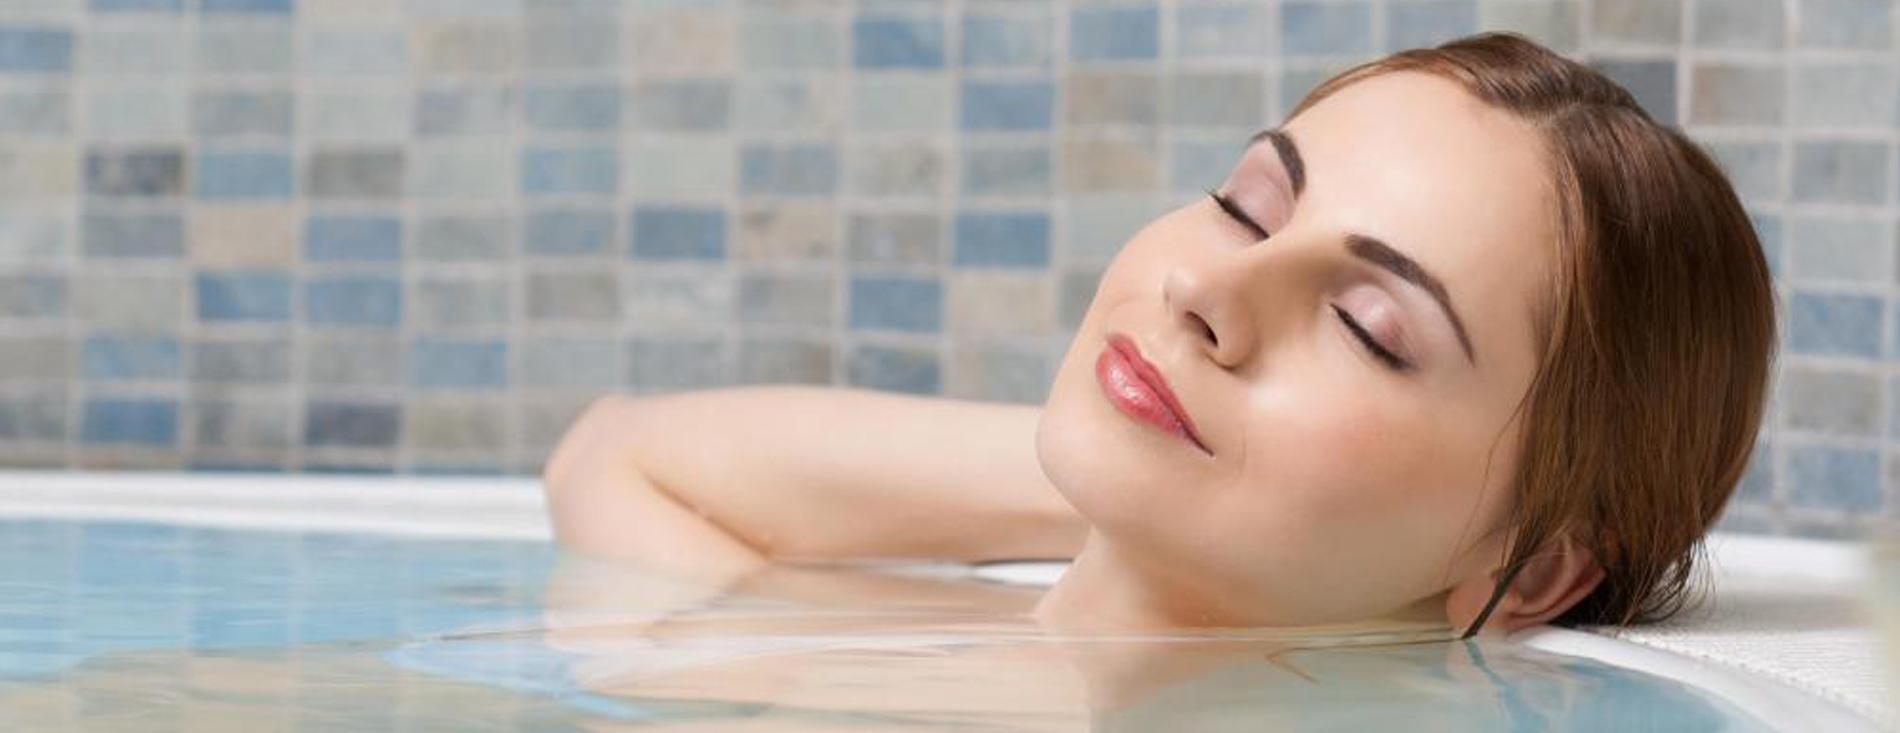 Ванна с содой для похудения